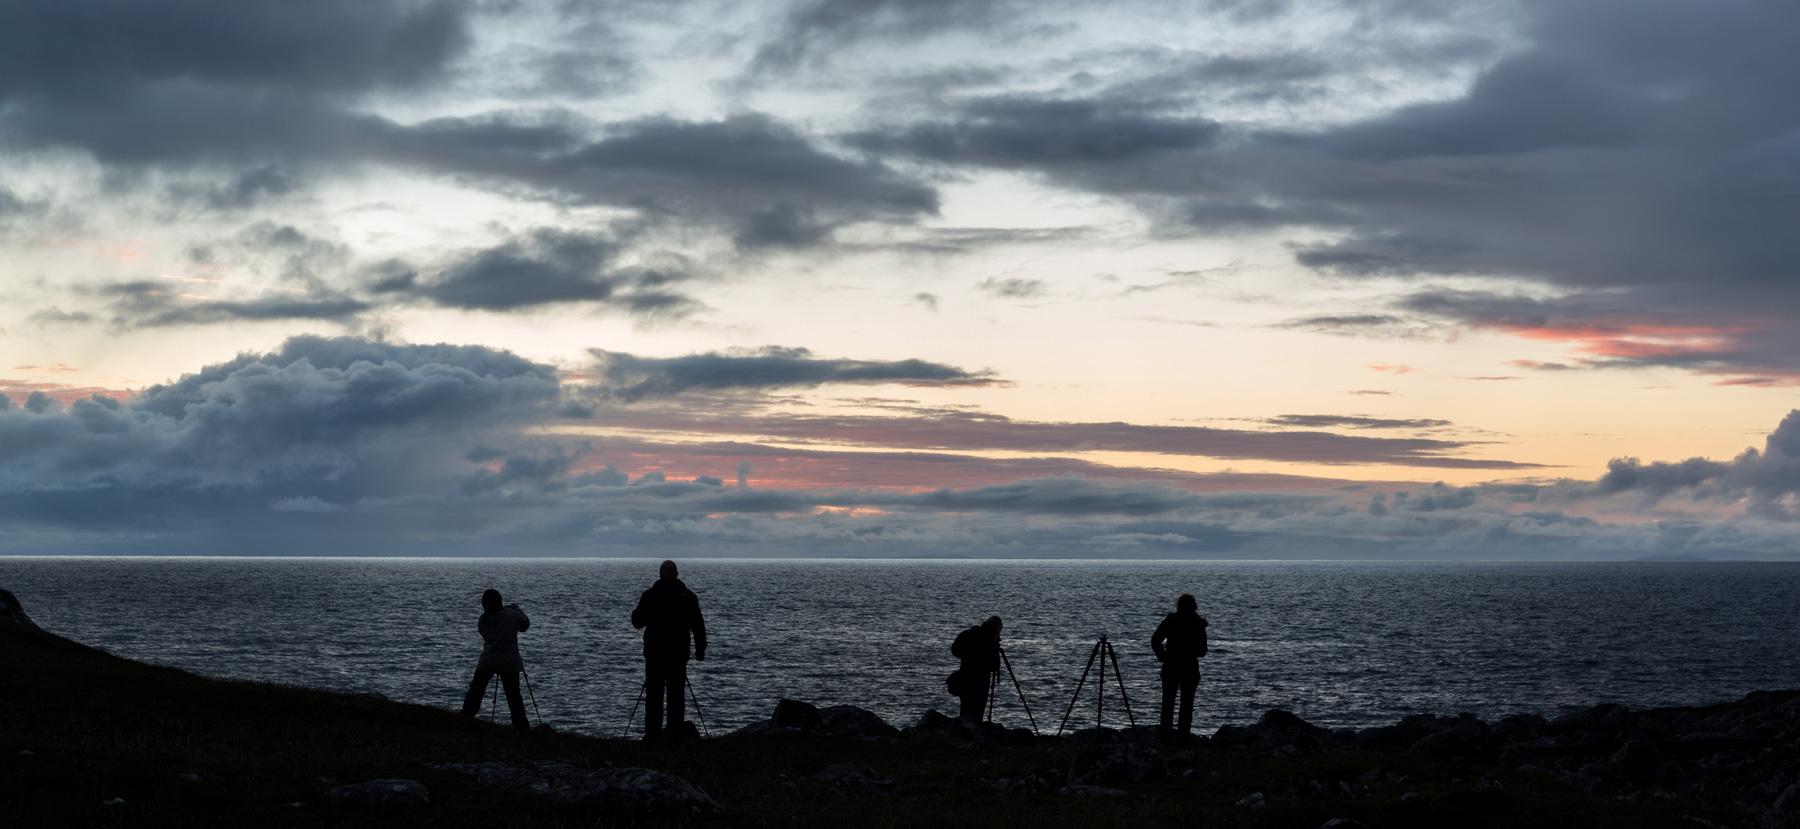 Sonnenuntergang bei Reiff (Foto Peter) Assynt Fotoreise